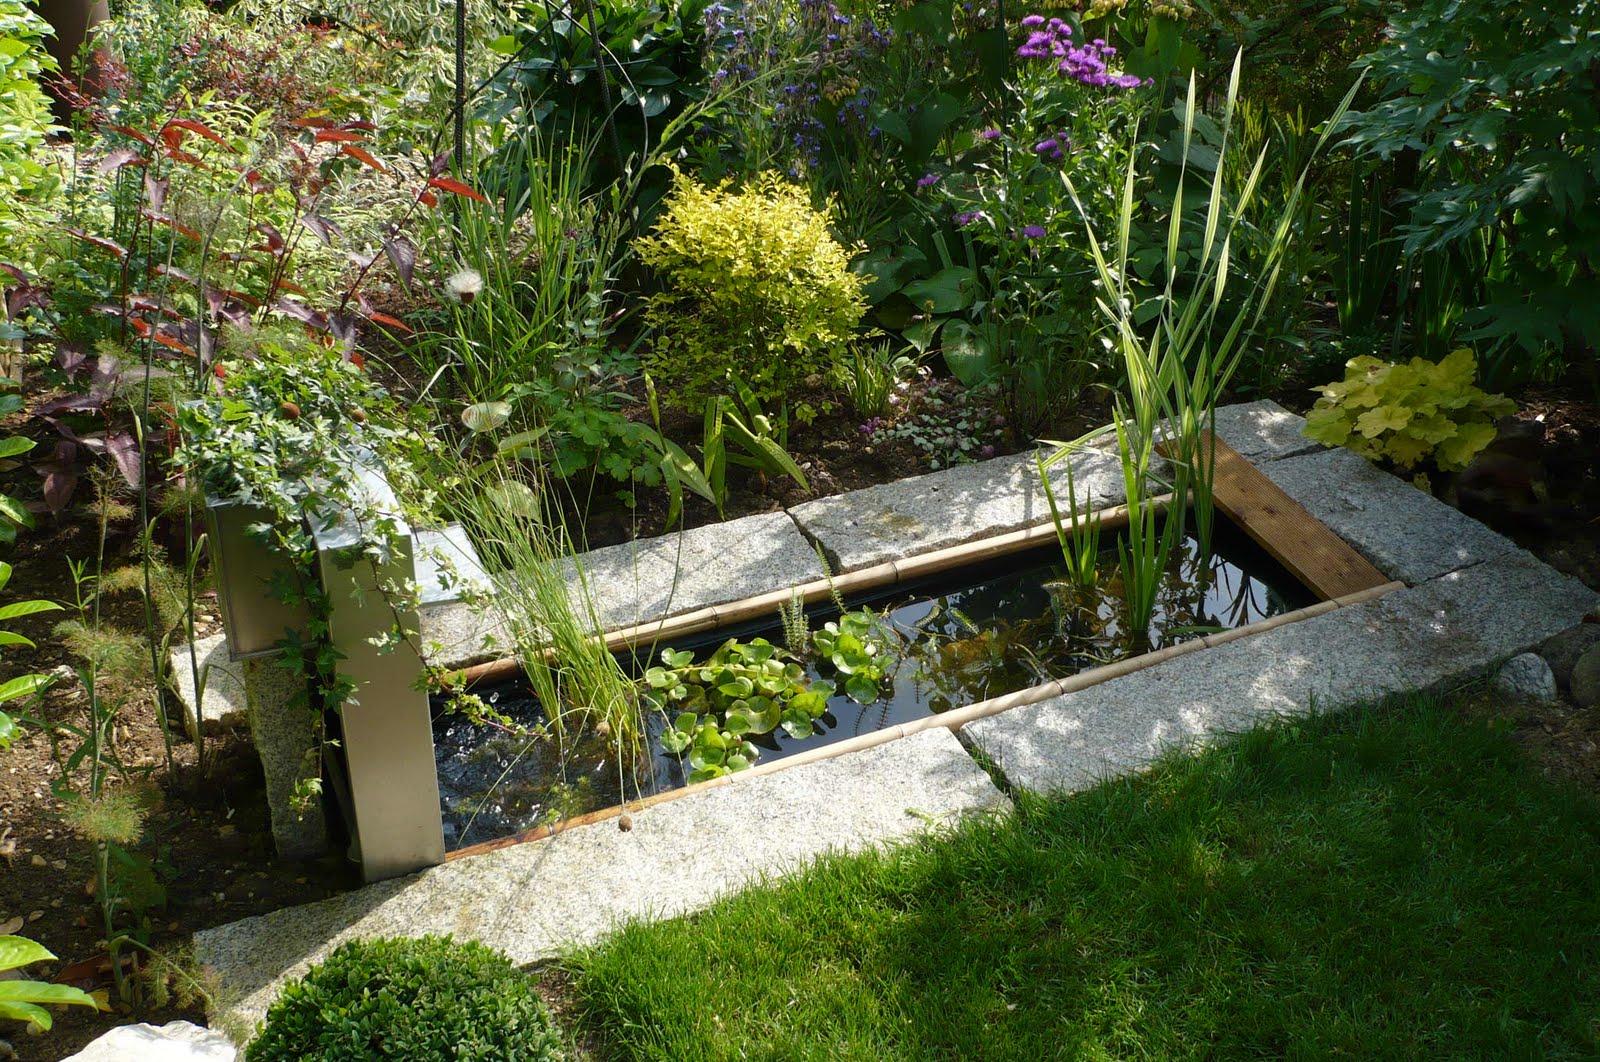 4 Moyens D'introduire Votre Plan D'eau Au Jardin | Jardinier ... intérieur Bassin De Jardin Rectangulaire